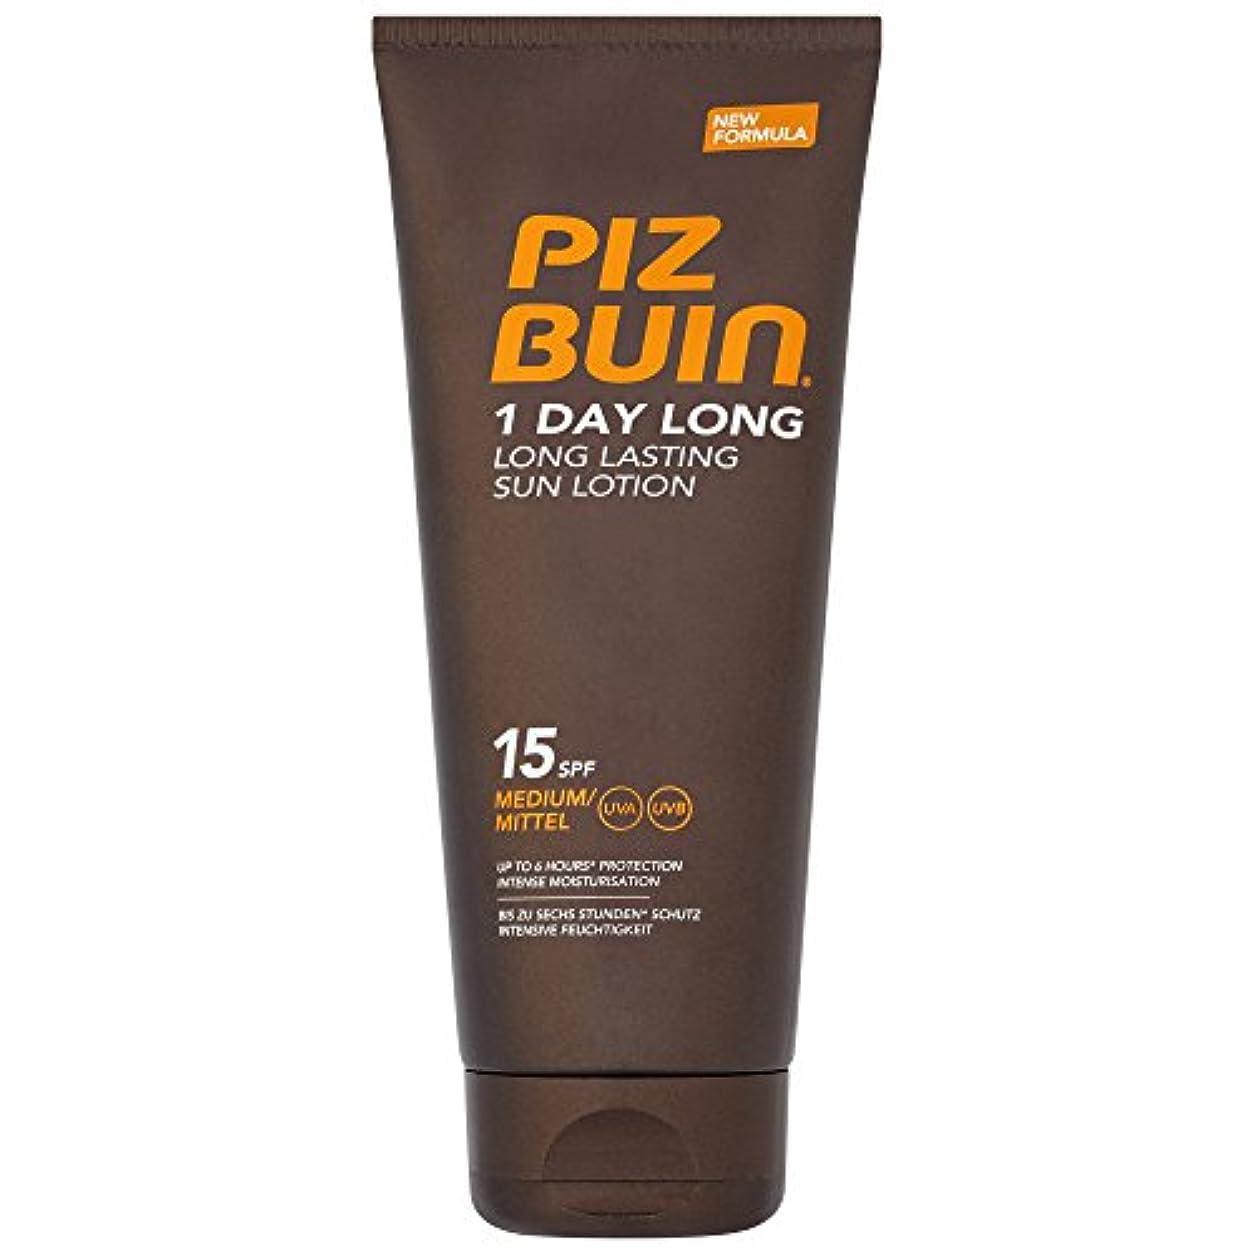 寛大さ留まる昇るPiz Buin 1 Day Long SPF15 Sun Lotion 200ml - ピッツブーインの1日長い15の日焼けローション200 [並行輸入品]